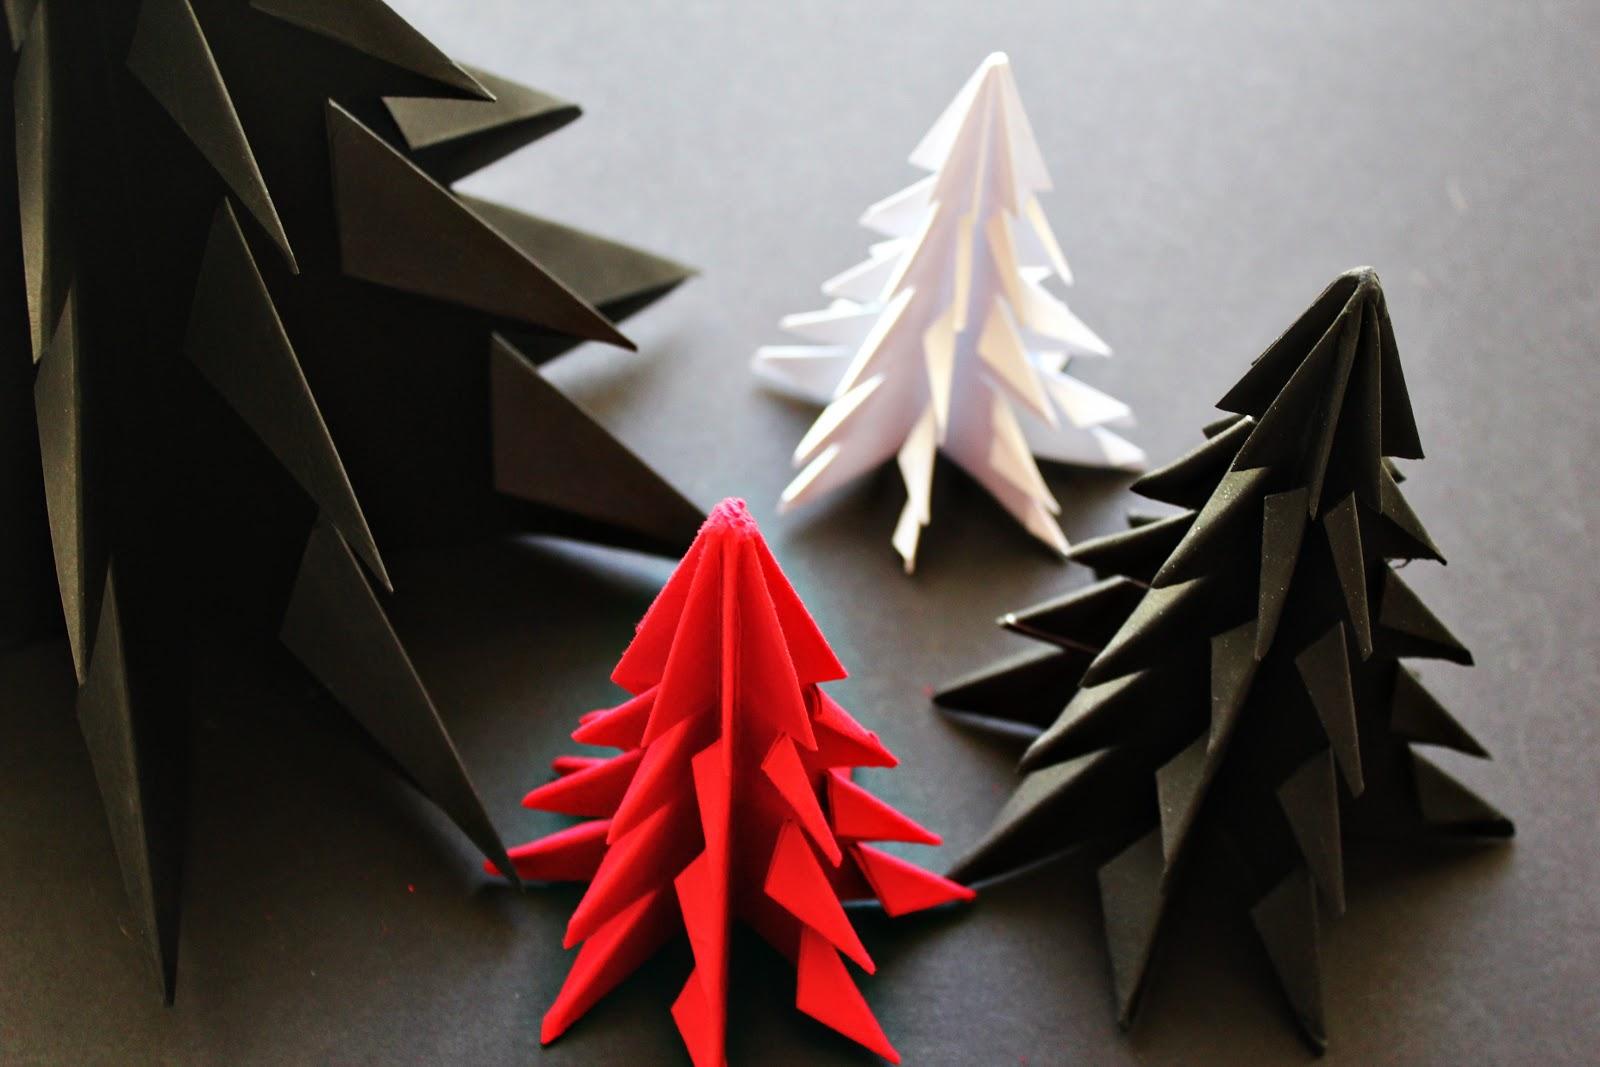 Елочки в технике оригами могут быть самыми разнообразными